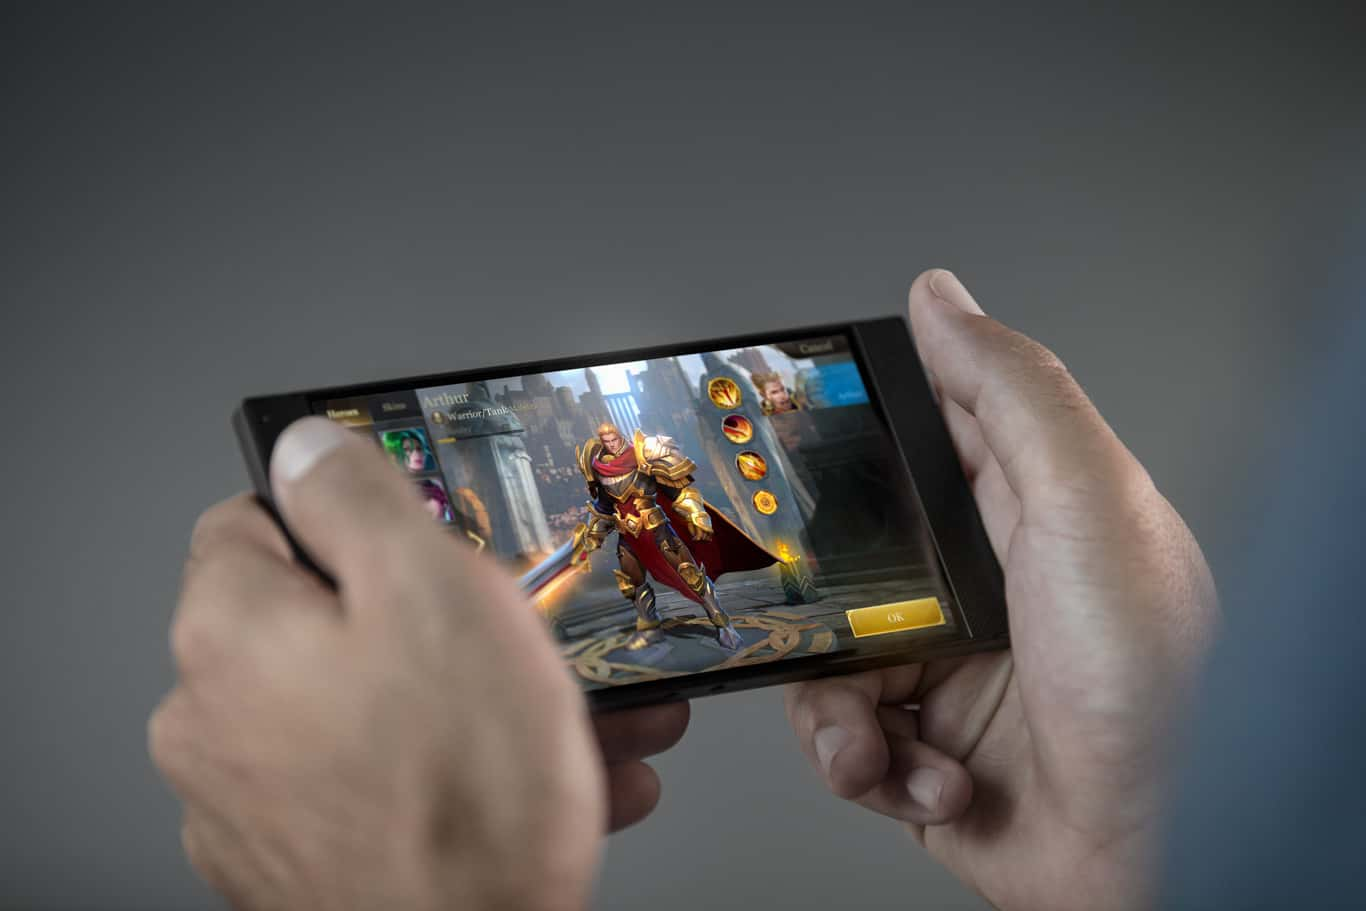 腾讯、网易游戏收入占八成 中小型公司弯道超车荣景不再